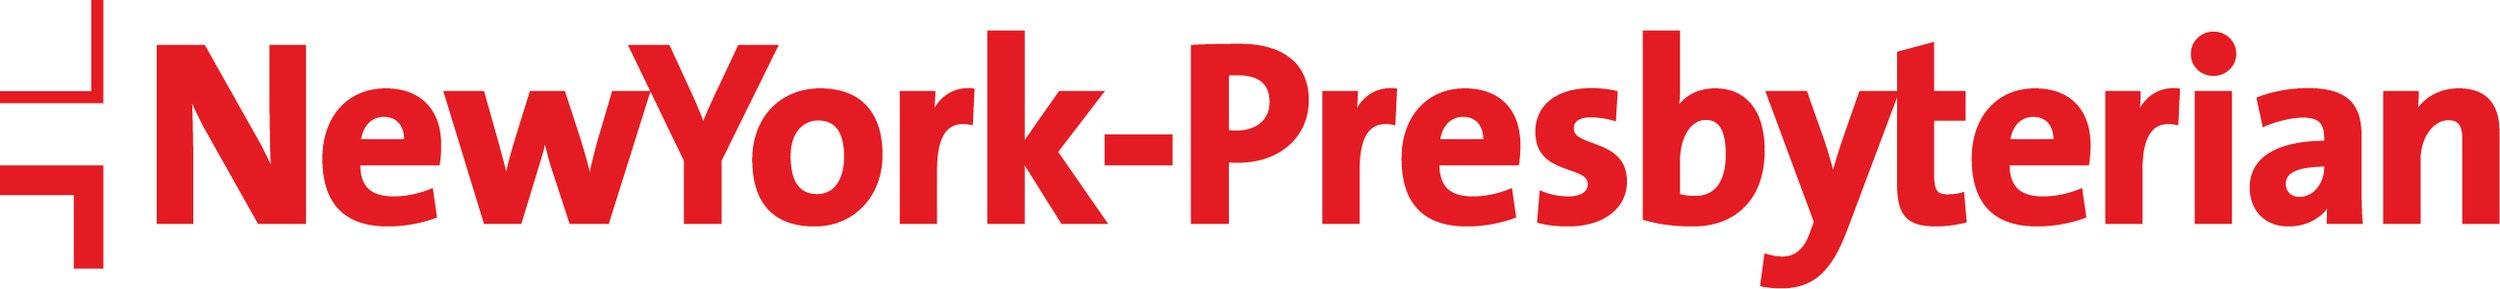 NYP+Logo.jpg